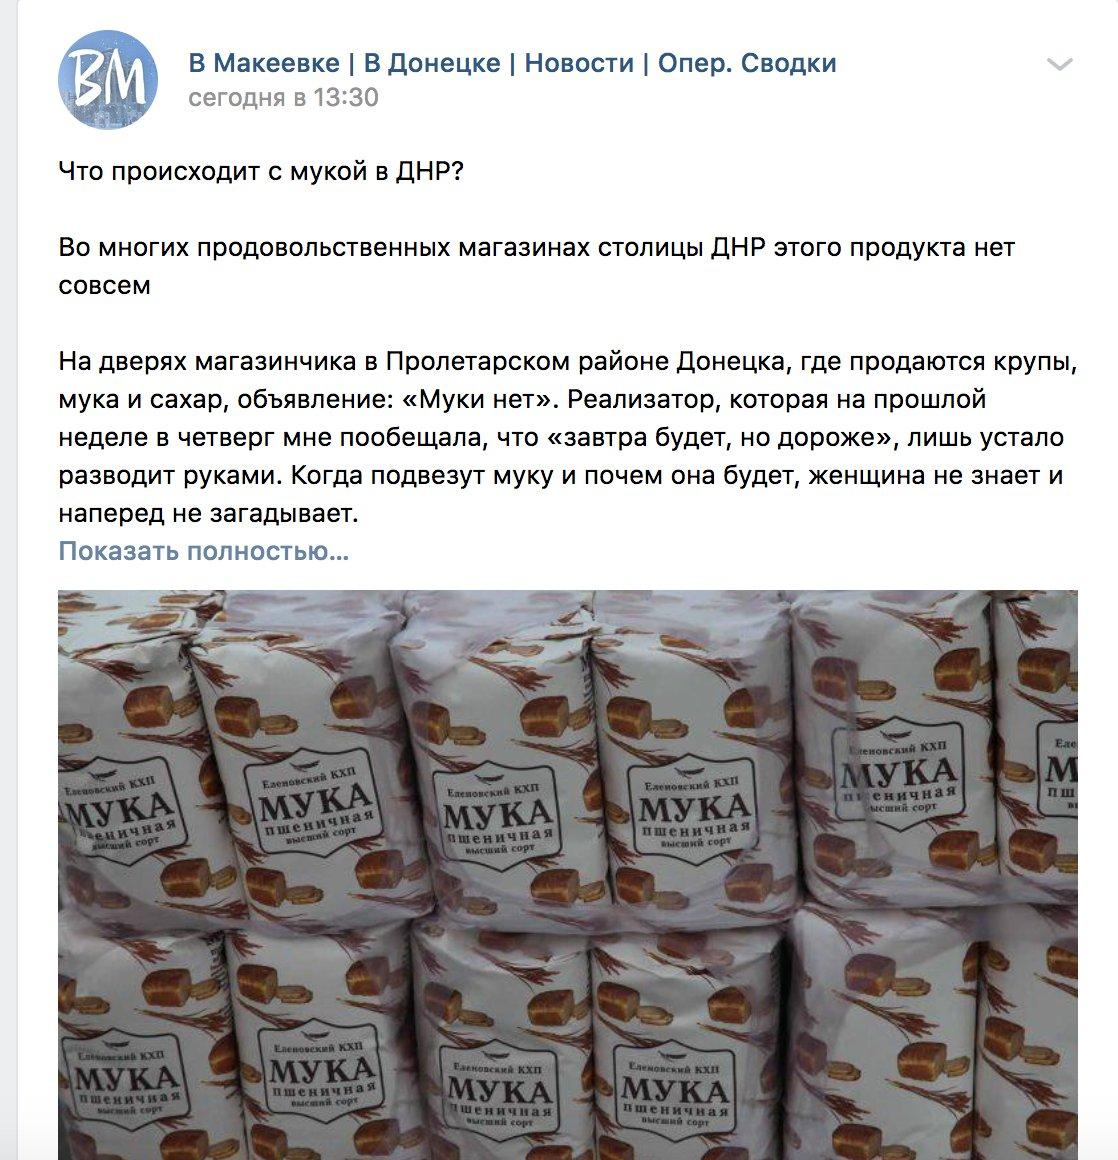 Группа сенаторов США призвала Трапа увеличить военную помощь Украине для усиления морского направления - Цензор.НЕТ 6264